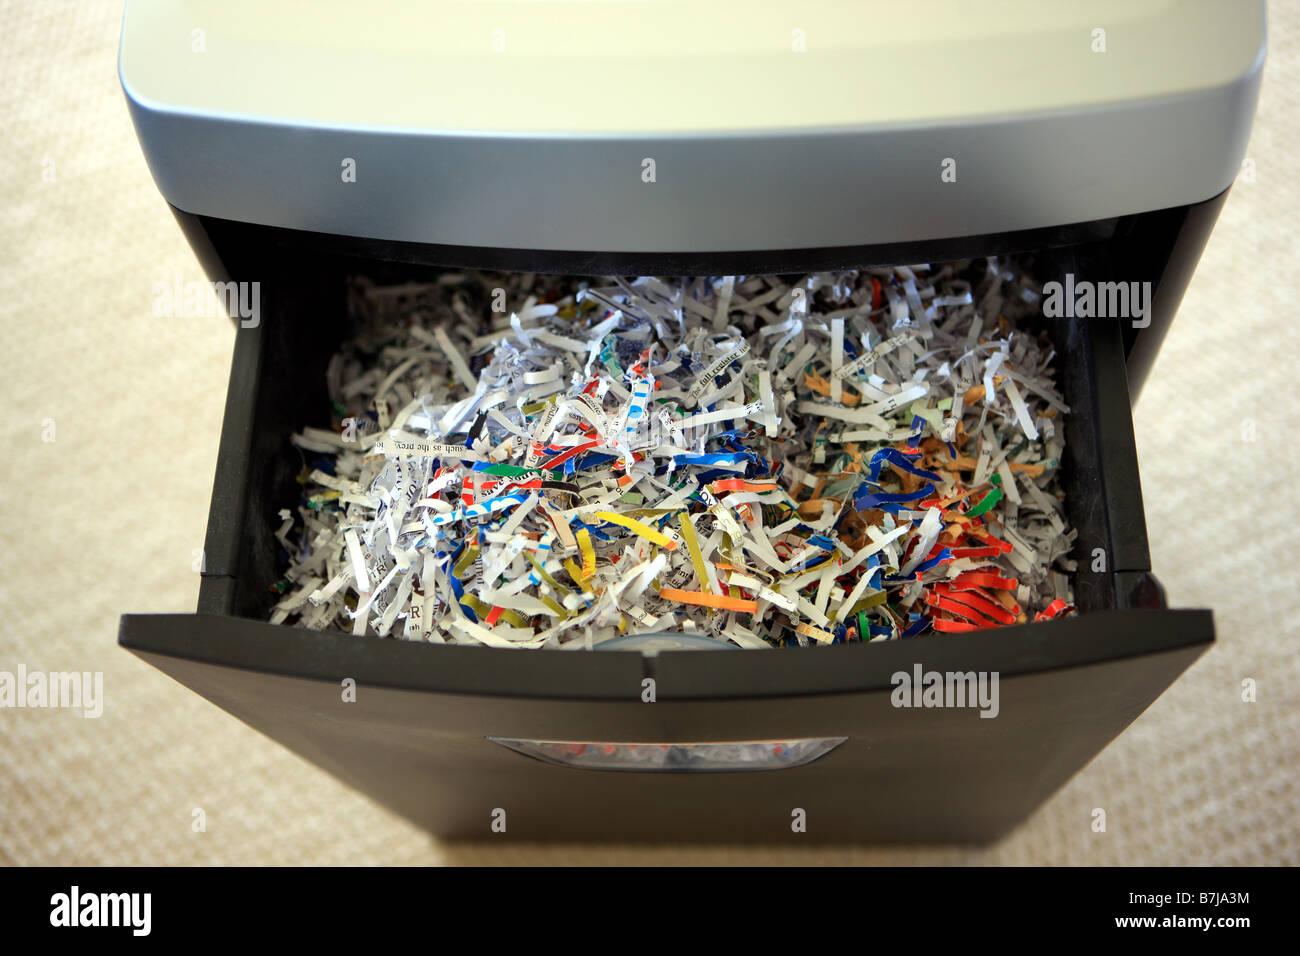 Shredded paper - Stock Image